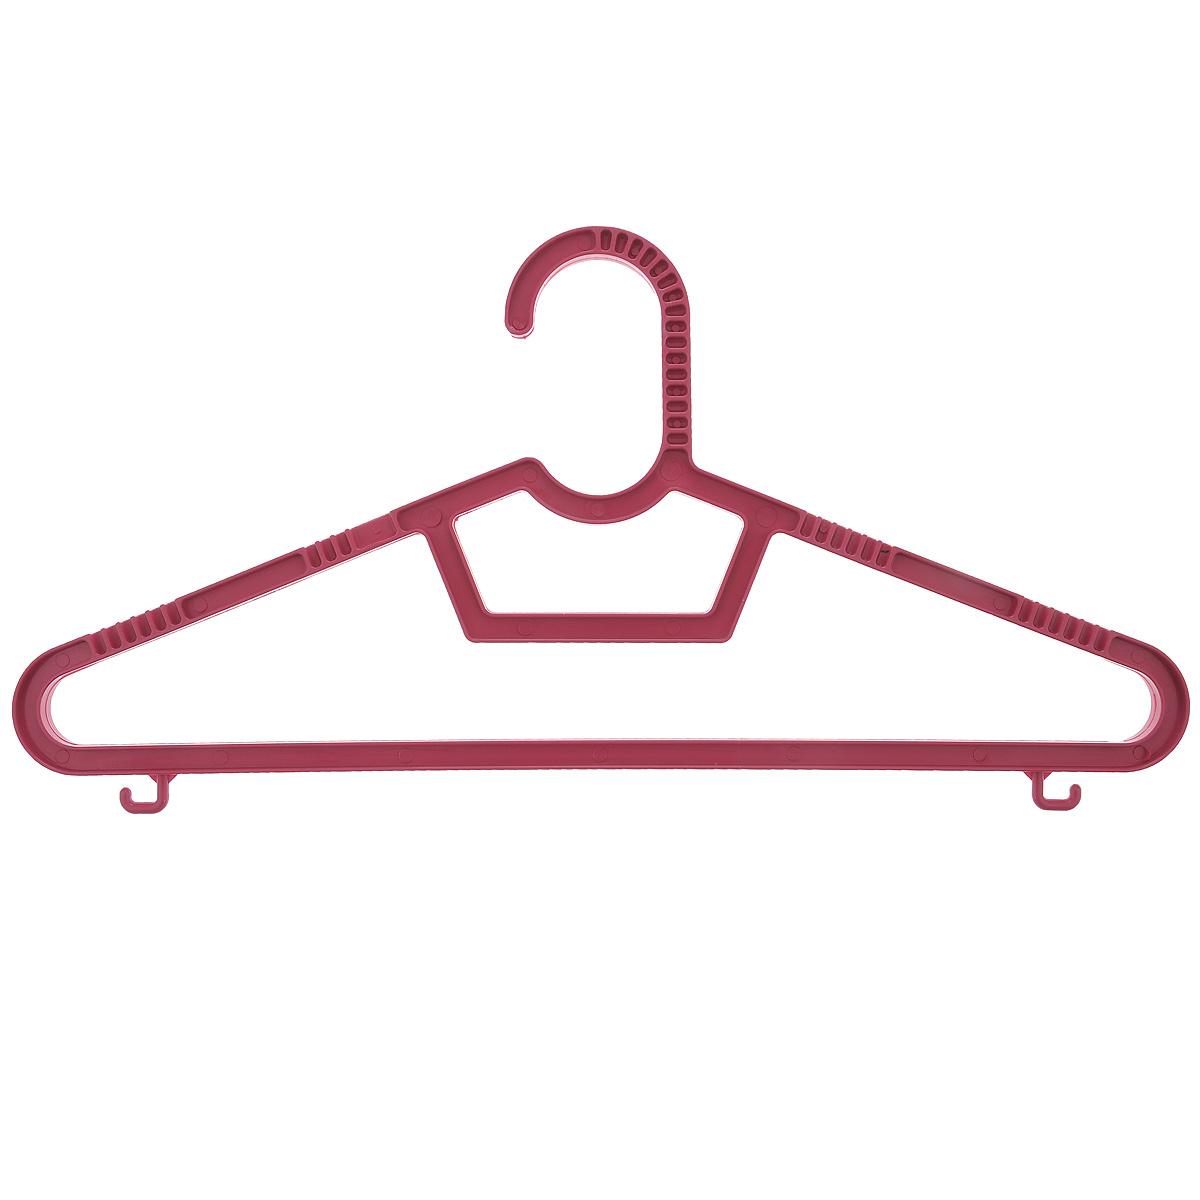 """Набор вешалок """"Полимербыт"""" выполнен из пластика. Изделия оснащены перекладинами и крючками.  Вешалка - это незаменимая вещь для того, чтобы ваша одежда всегда оставалась в хорошем состоянии.  Комплектация: 3 шт. Размер одежды: 40-42."""